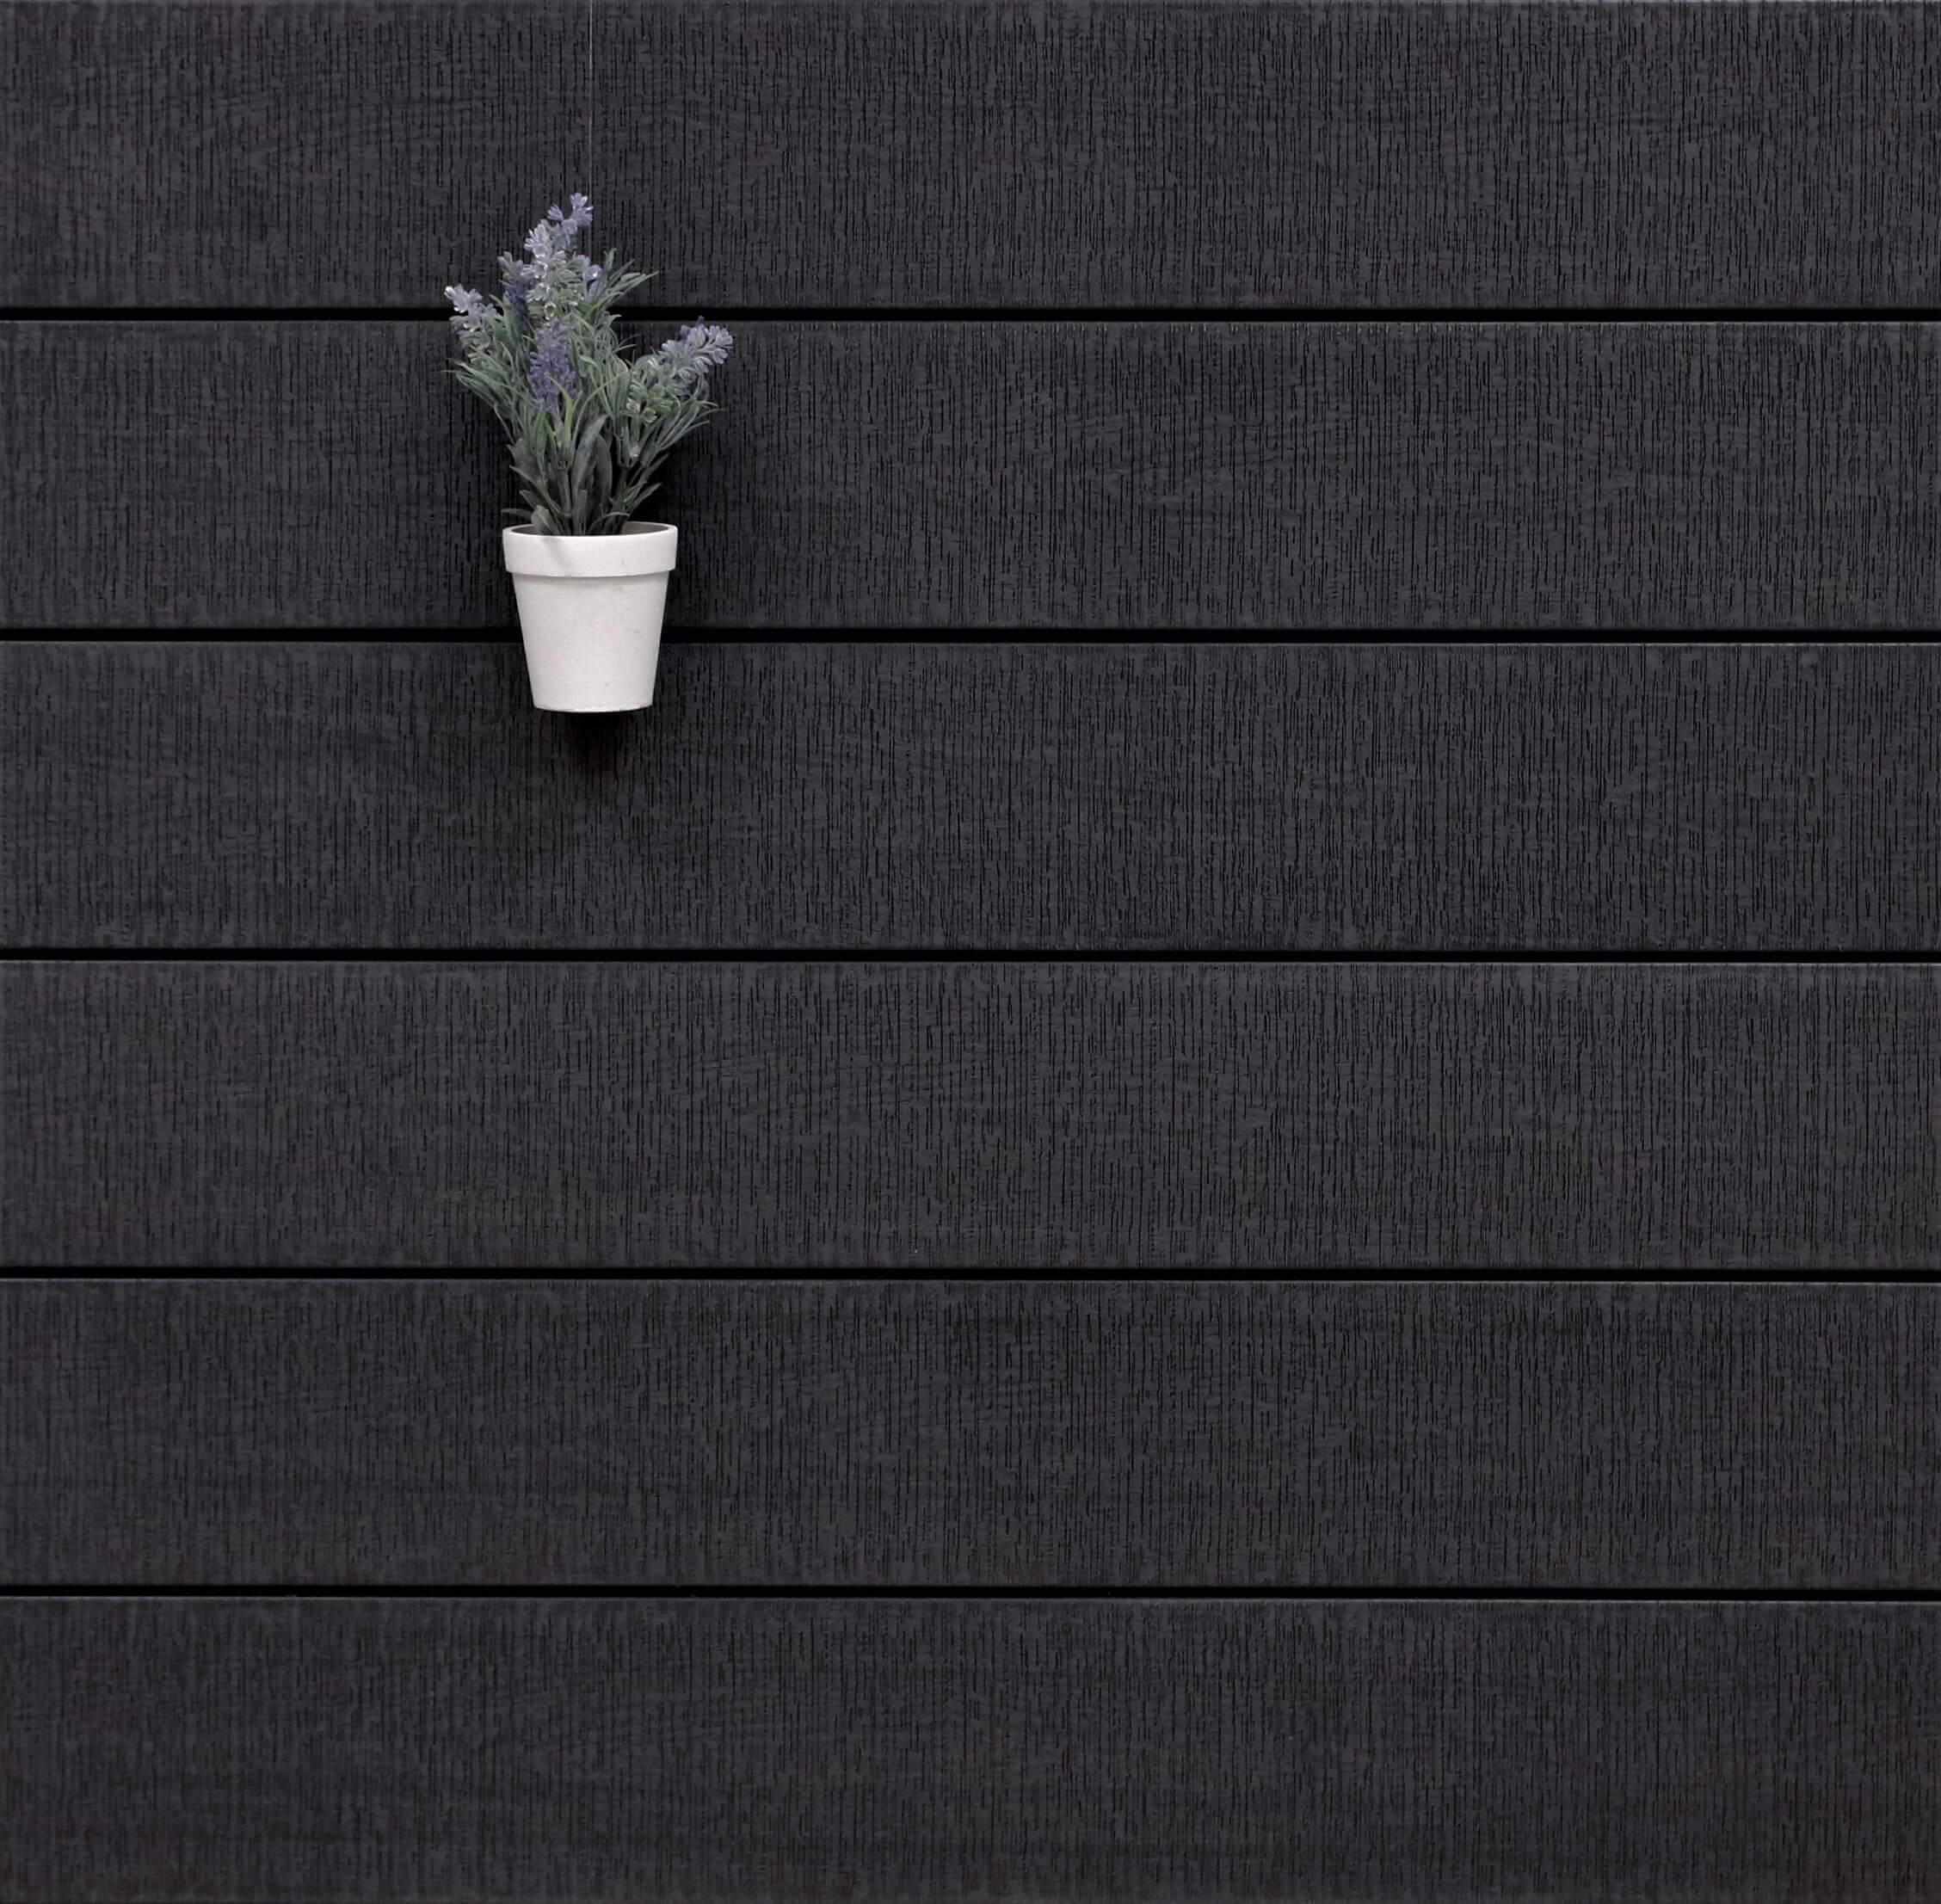 WPC Terrasse massiv, Vollprofil, 22 x 143 bis 4800 mm, sägerau grob im Farbton dunkelgrau, 9,20 €/lfm